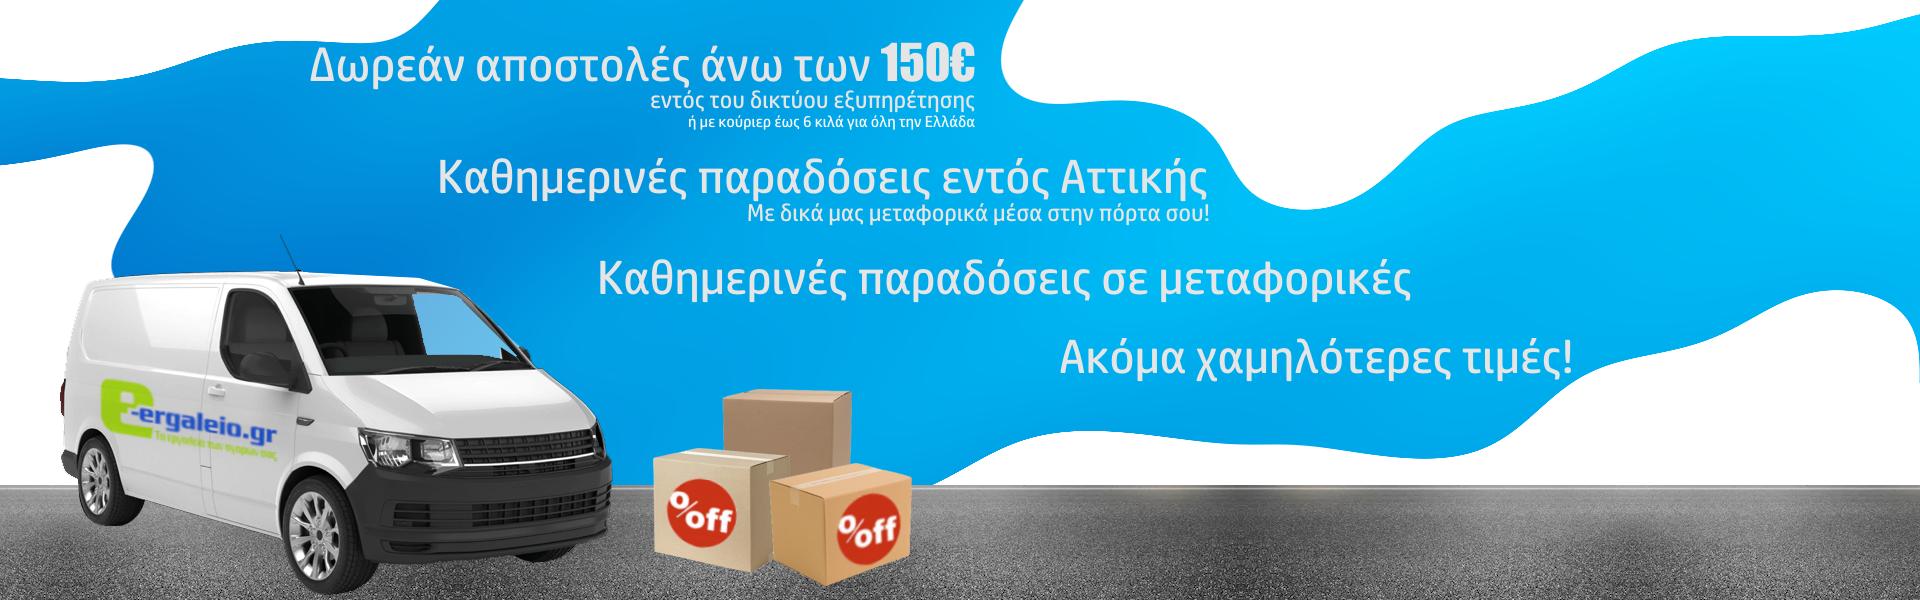 Δωρεάν αποστολές ανω τω 150€ - Καθημερινές παραδόσεις!